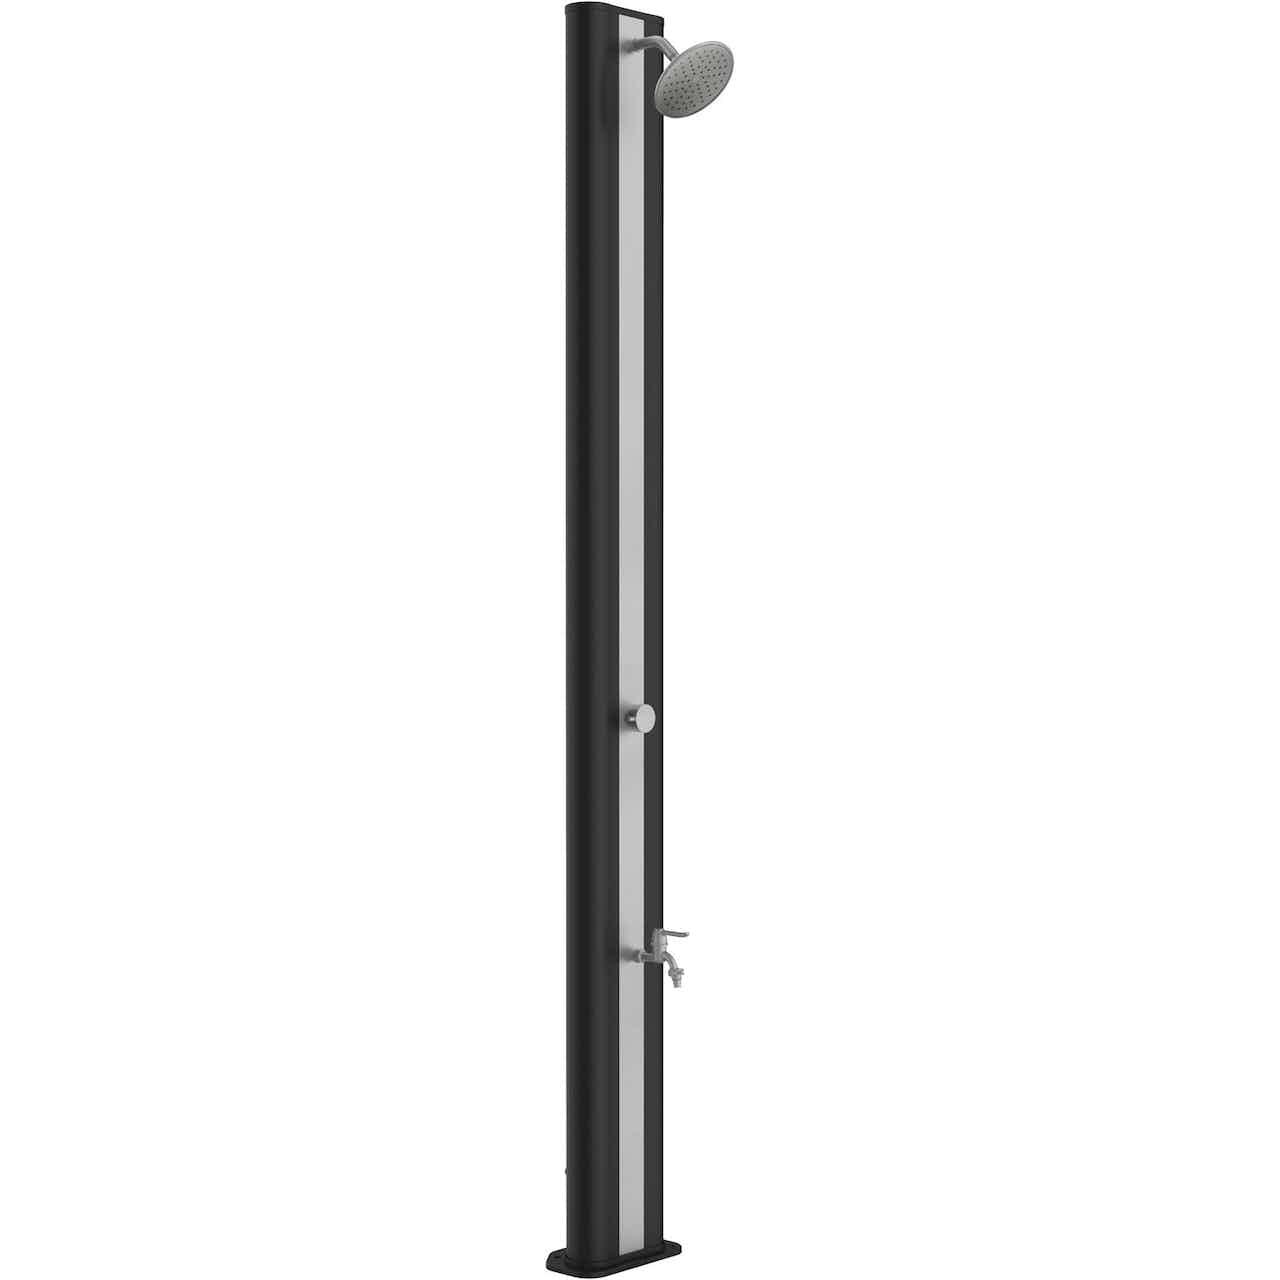 Steinbach Solardusche Top Line PVC Schwarz Chrom 26,5 x 16 x 217 cm